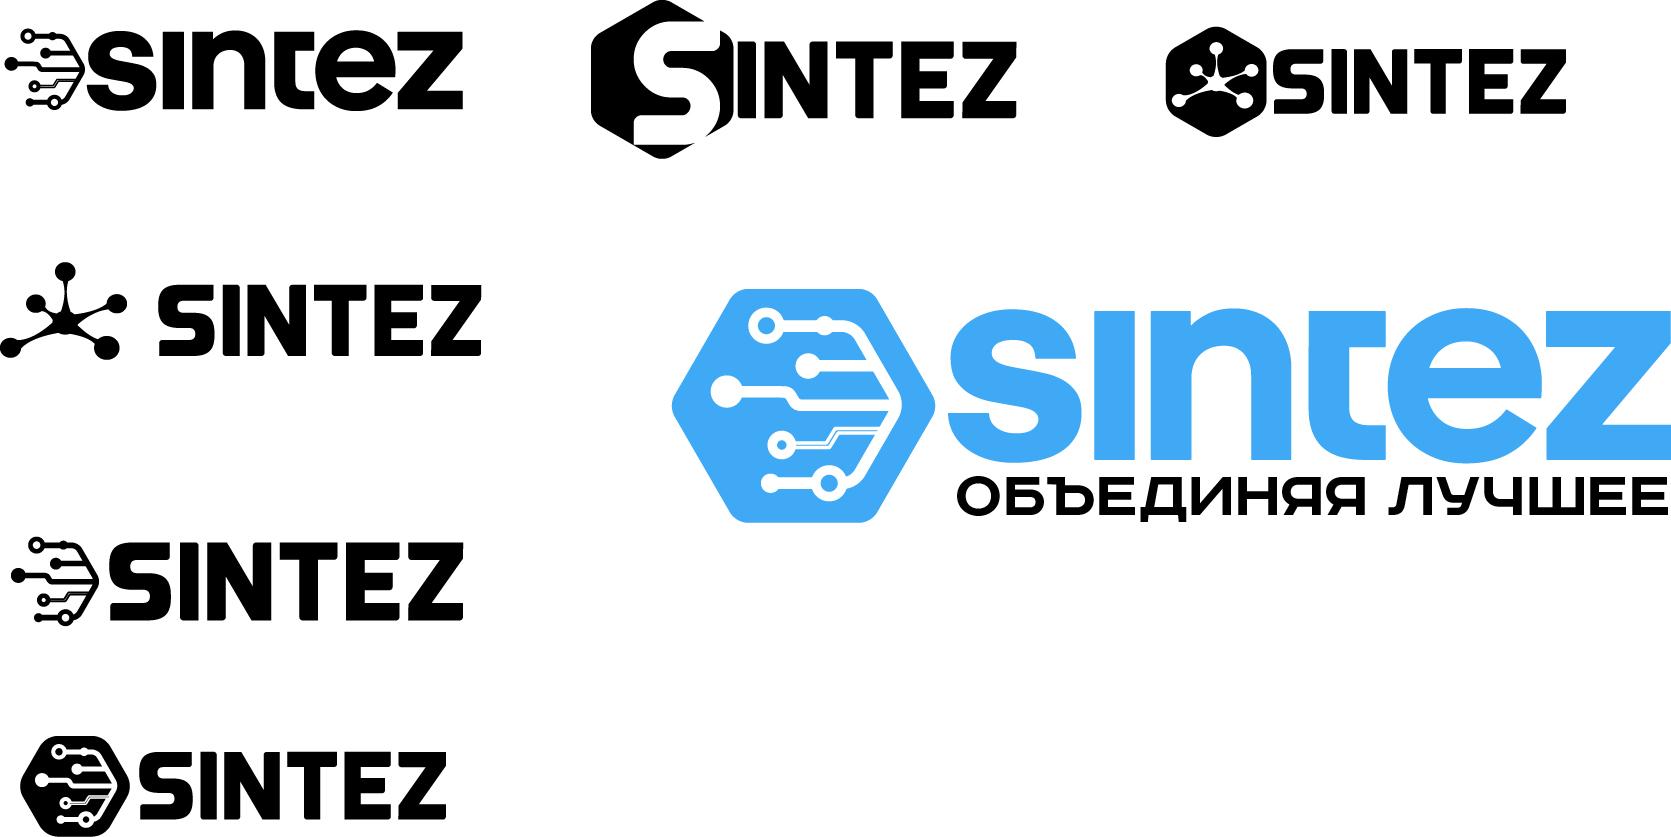 Разрабтка логотипа компании и фирменного шрифта фото f_5585f62b9e88c7d3.jpg